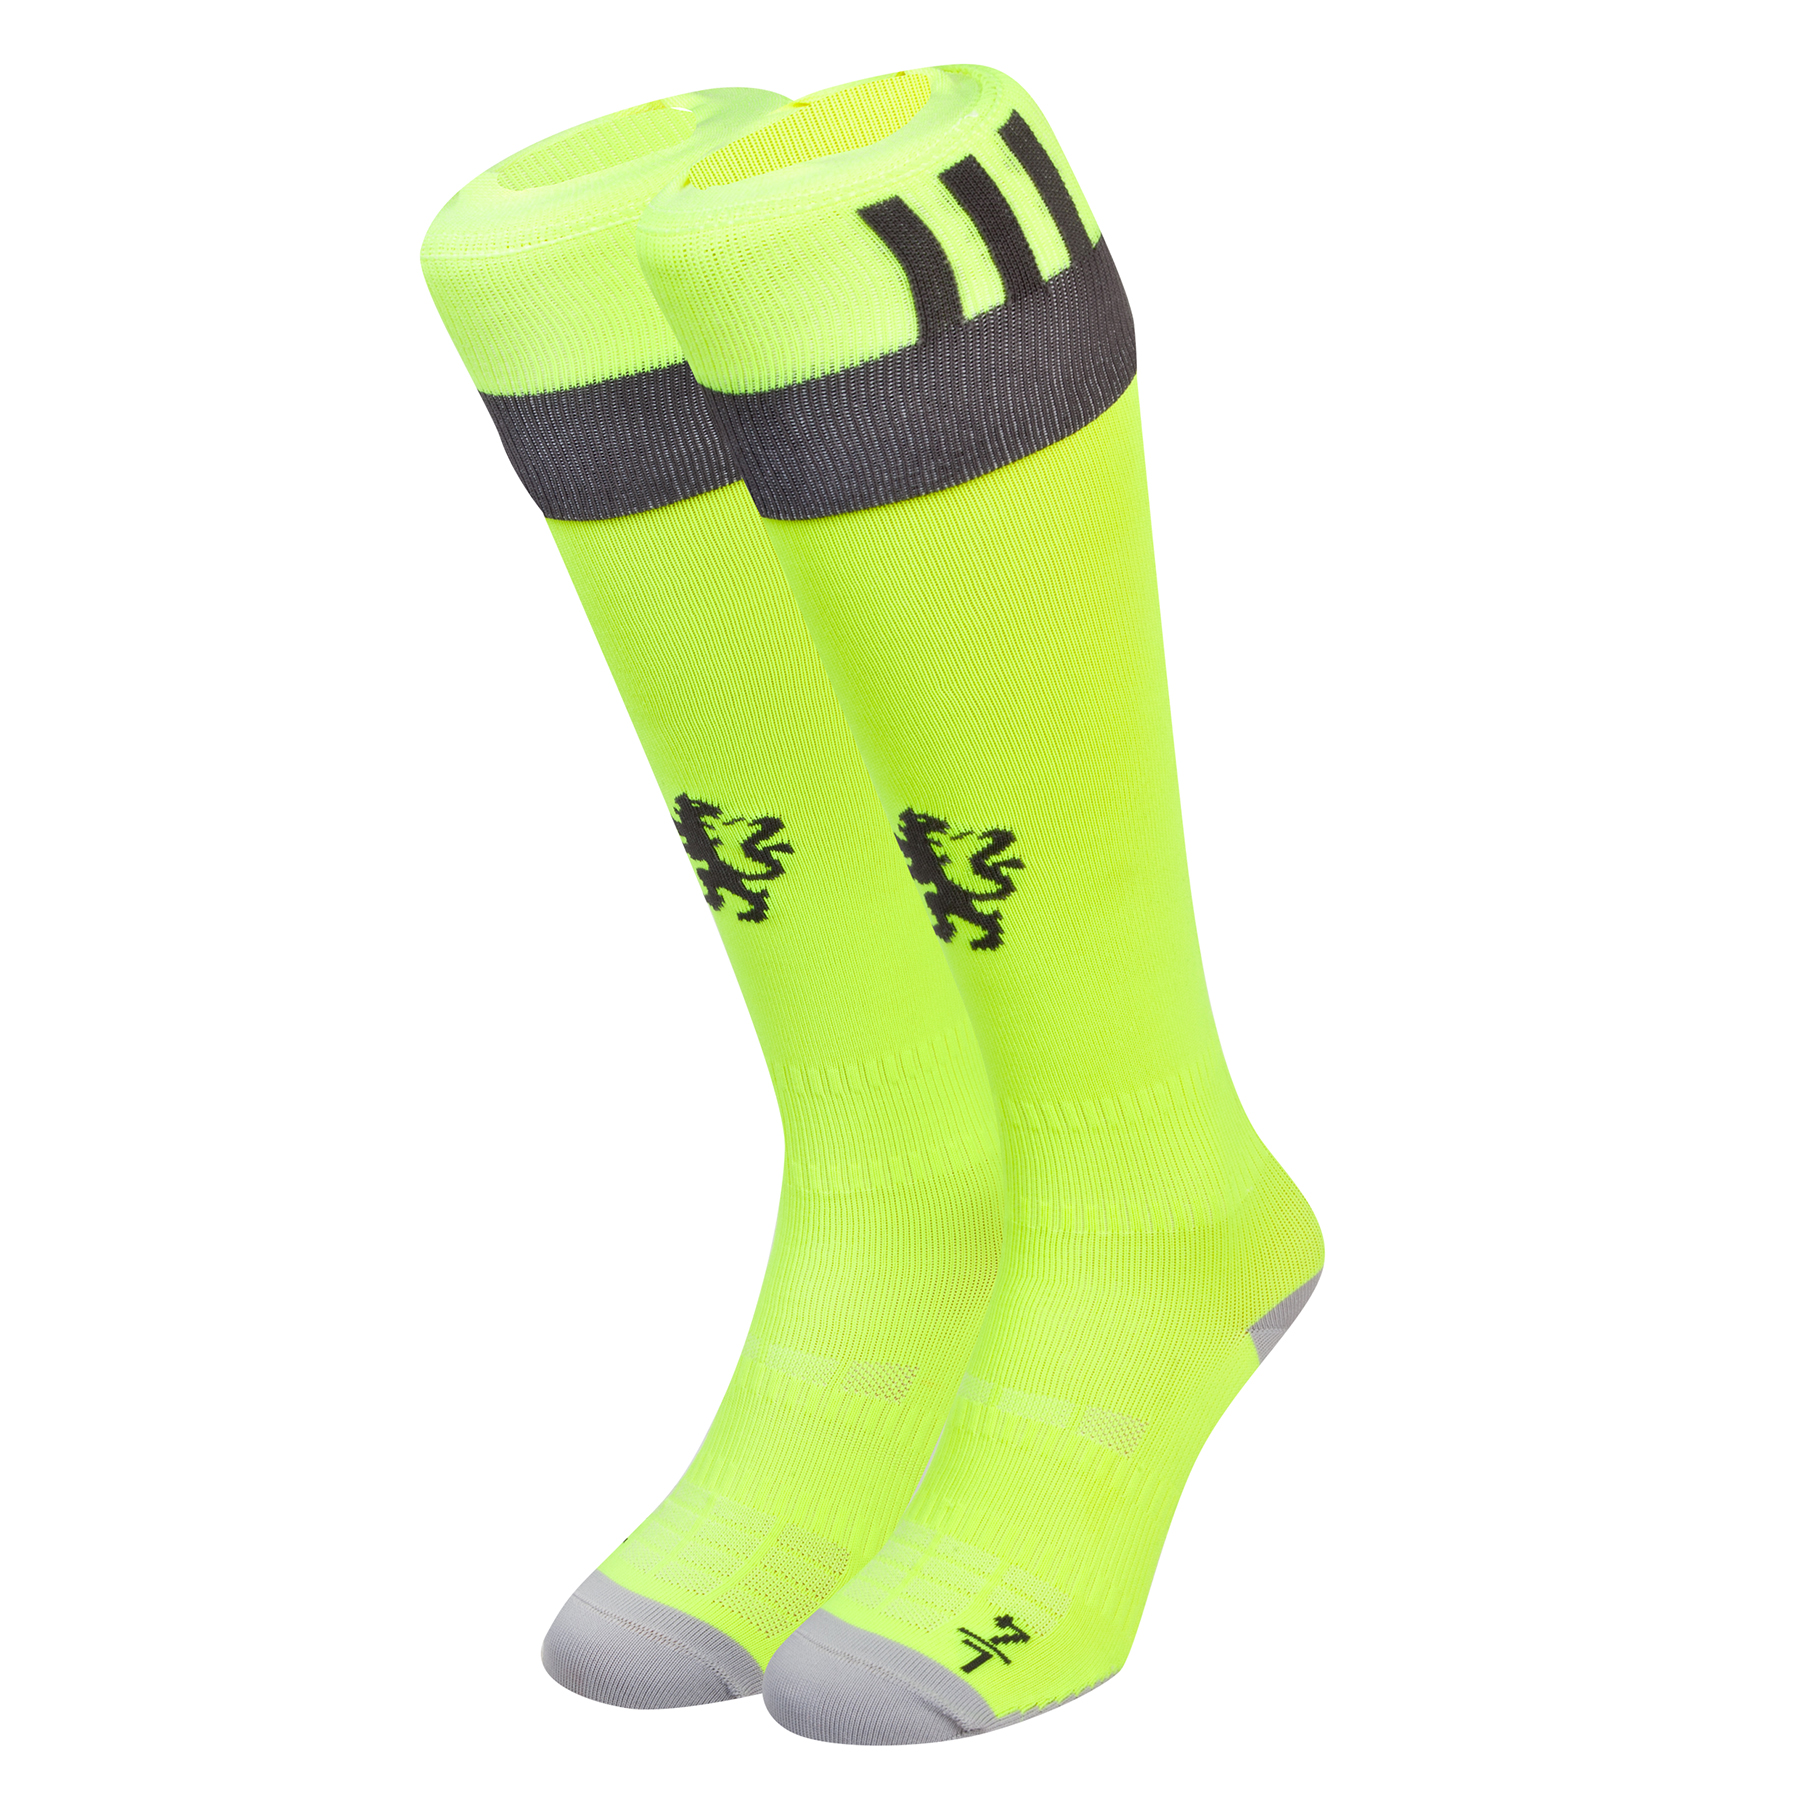 Chelsea Goalkeeper Socks 16-17